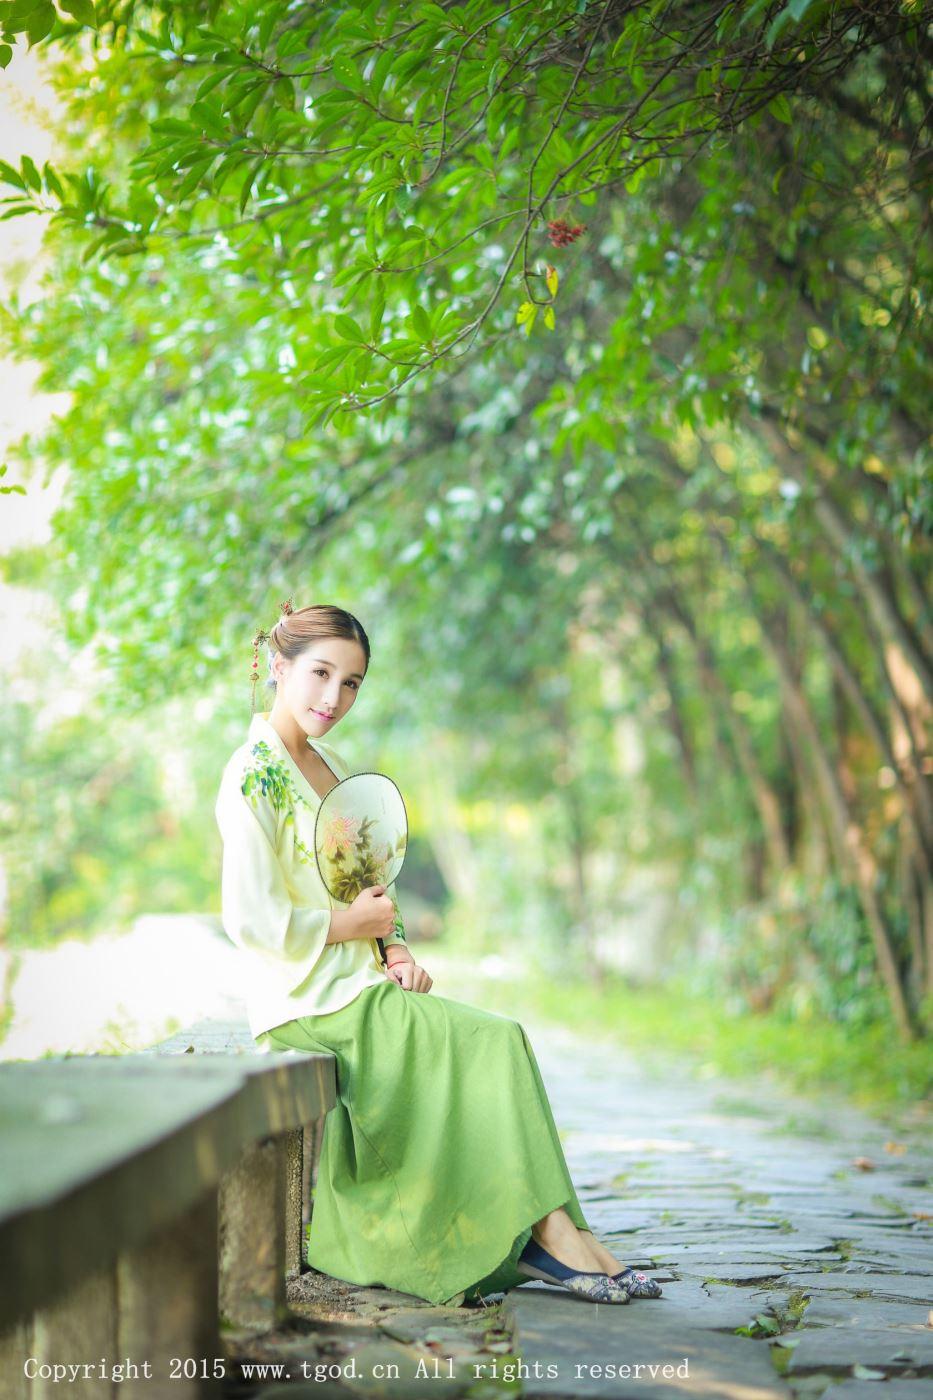 网红小仙女艾希ICE小清新汉服美女古风唯美图片